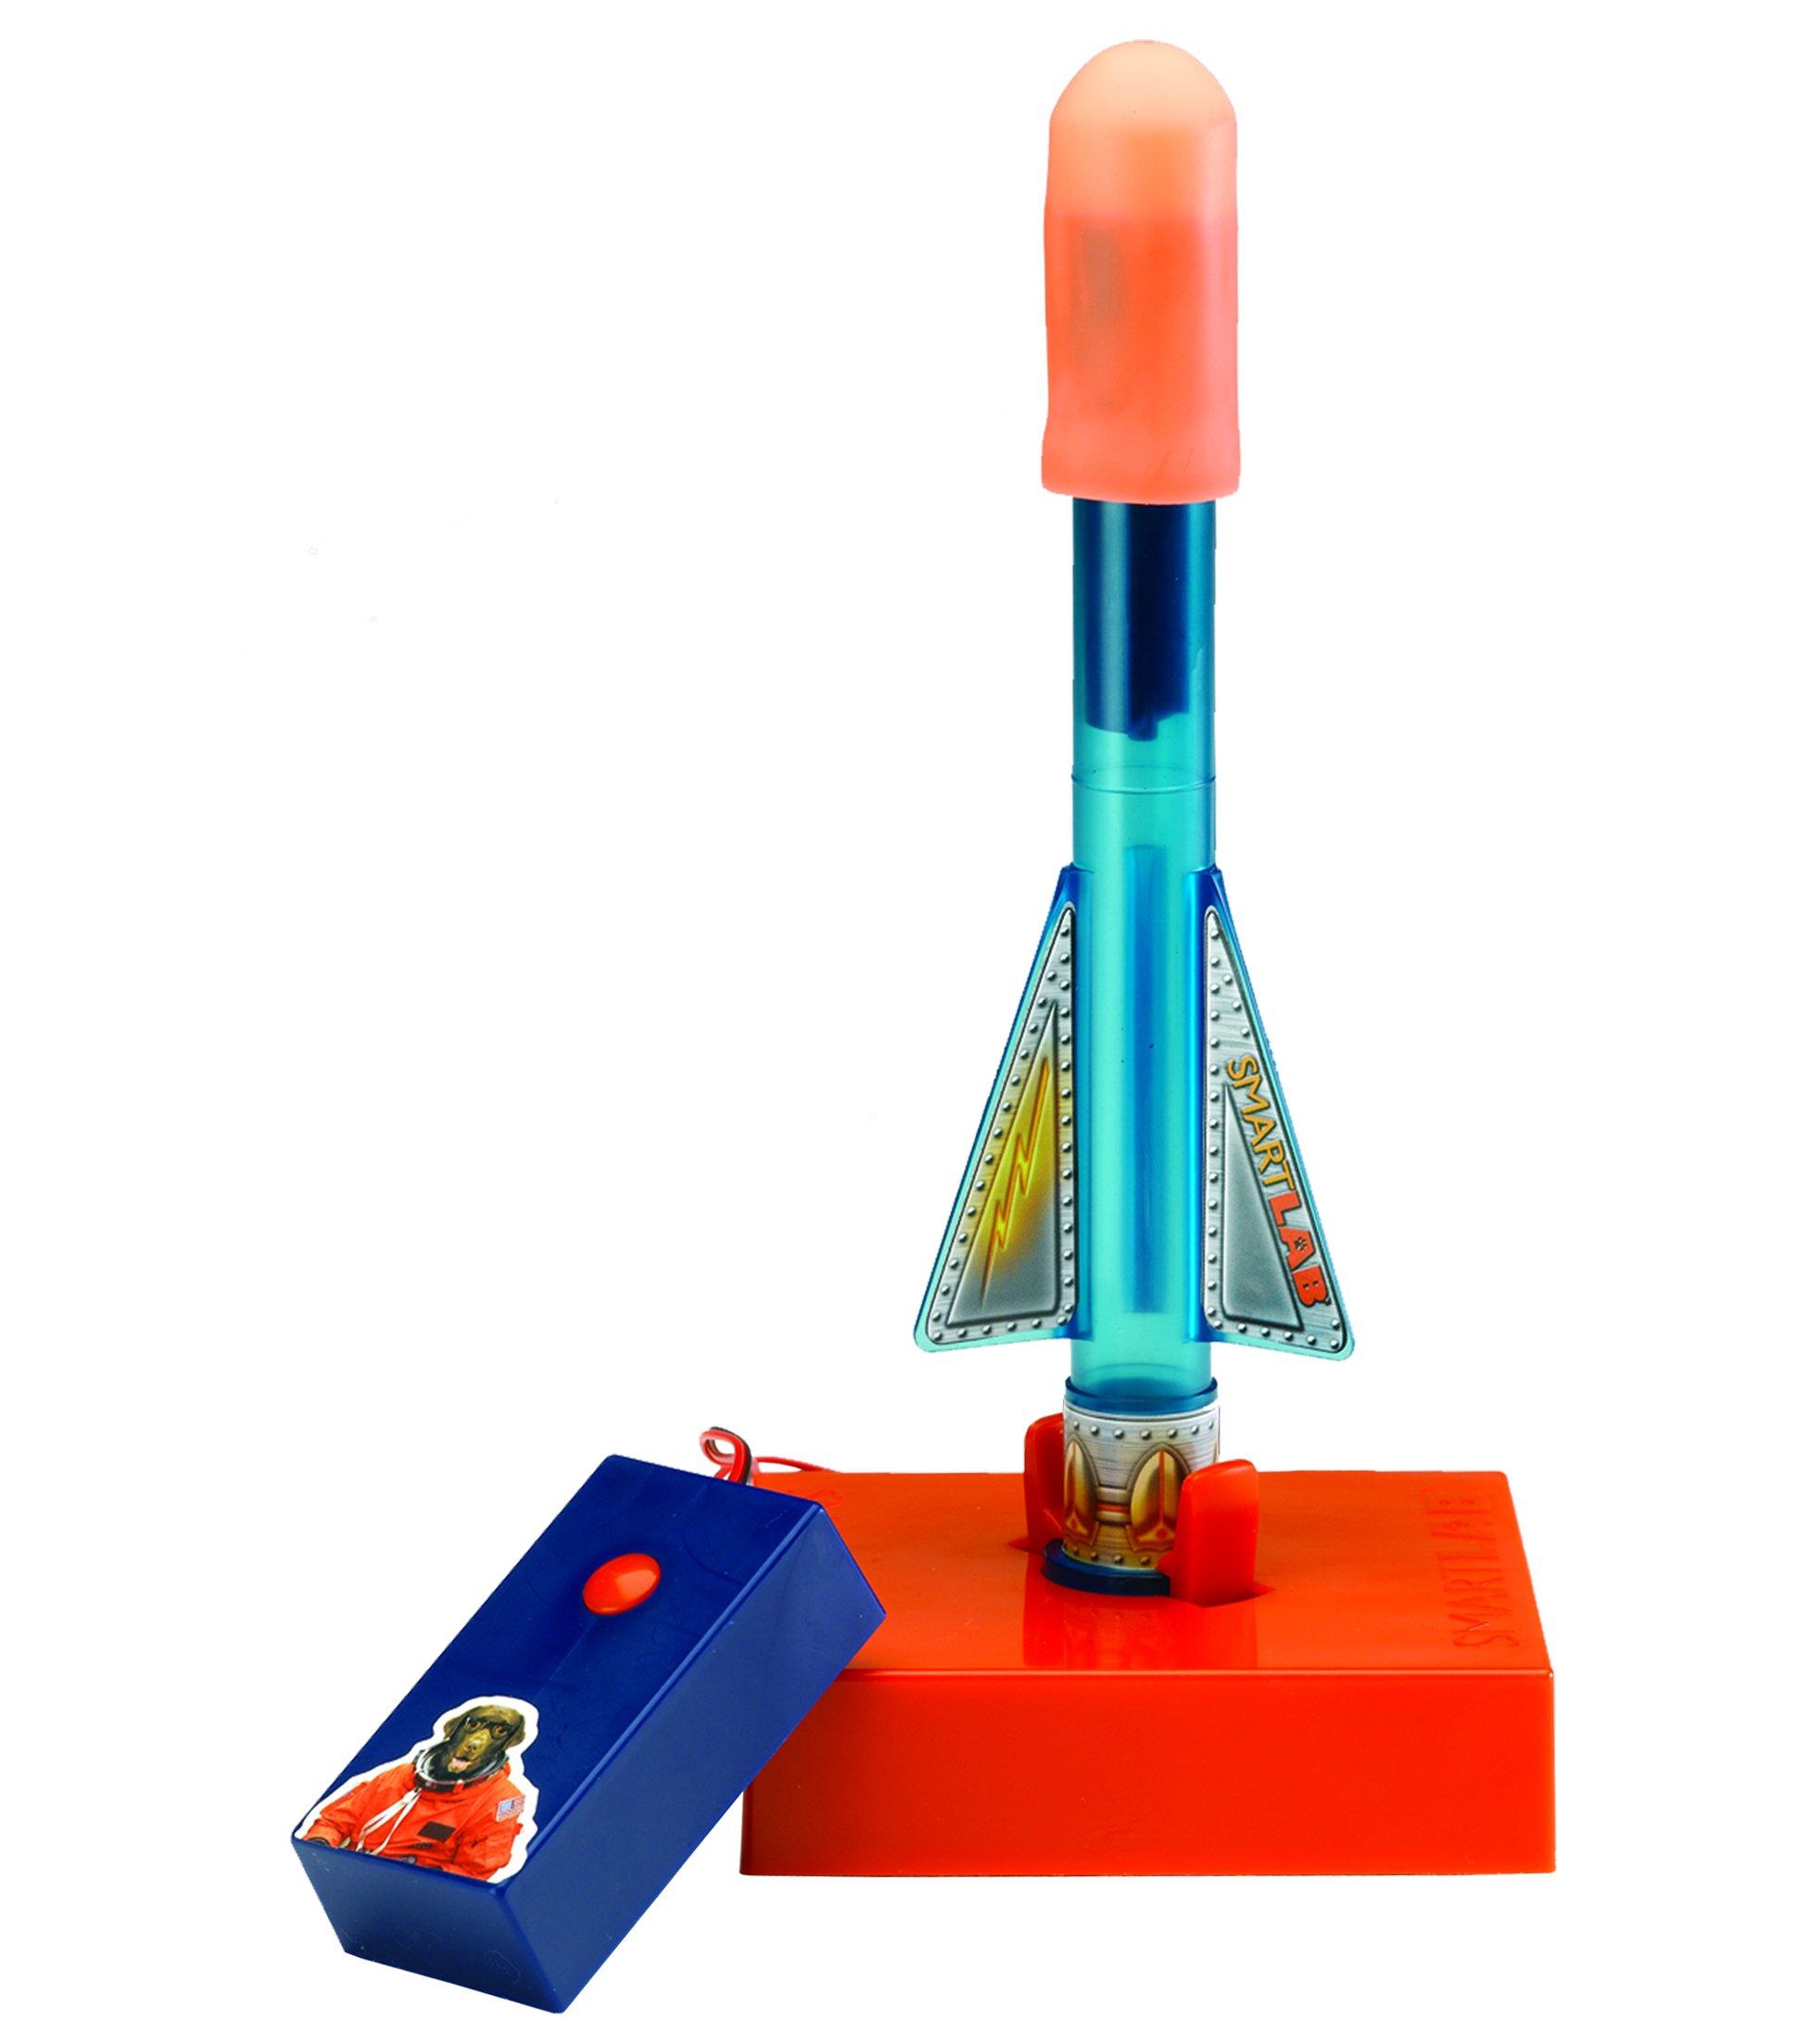 SmartLab Toys Remote Control Rocket by SmartLab Toys (Image #1)